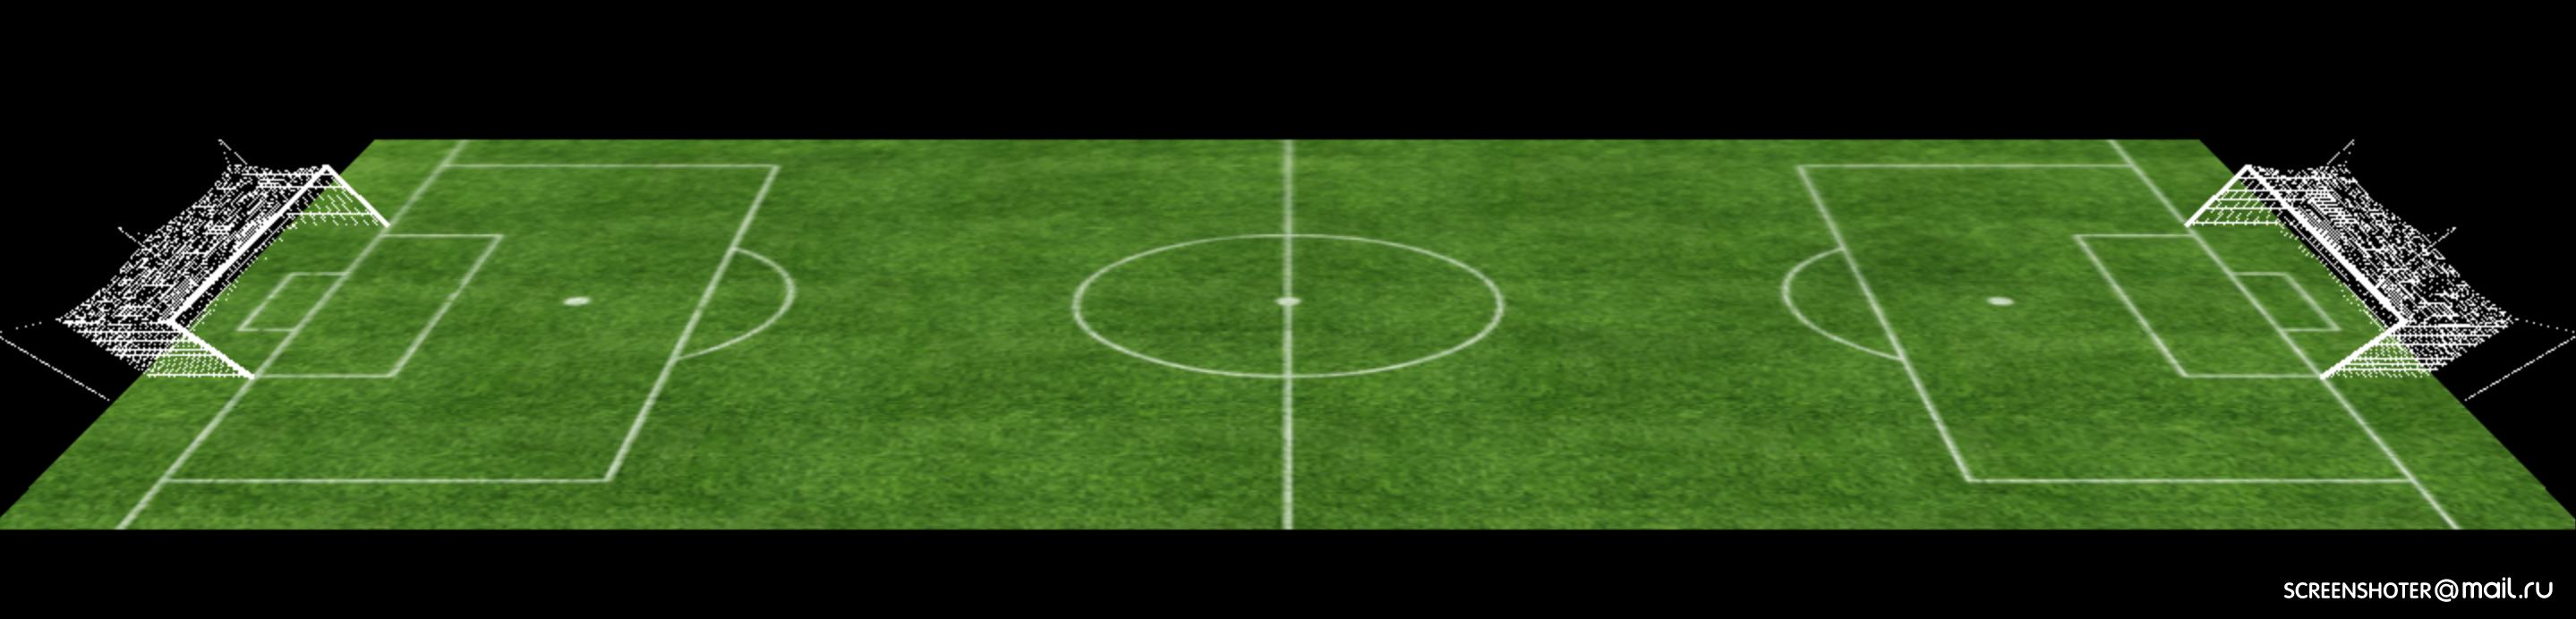 Как я браузерный 3D-футбол писала. Часть 2 - 2